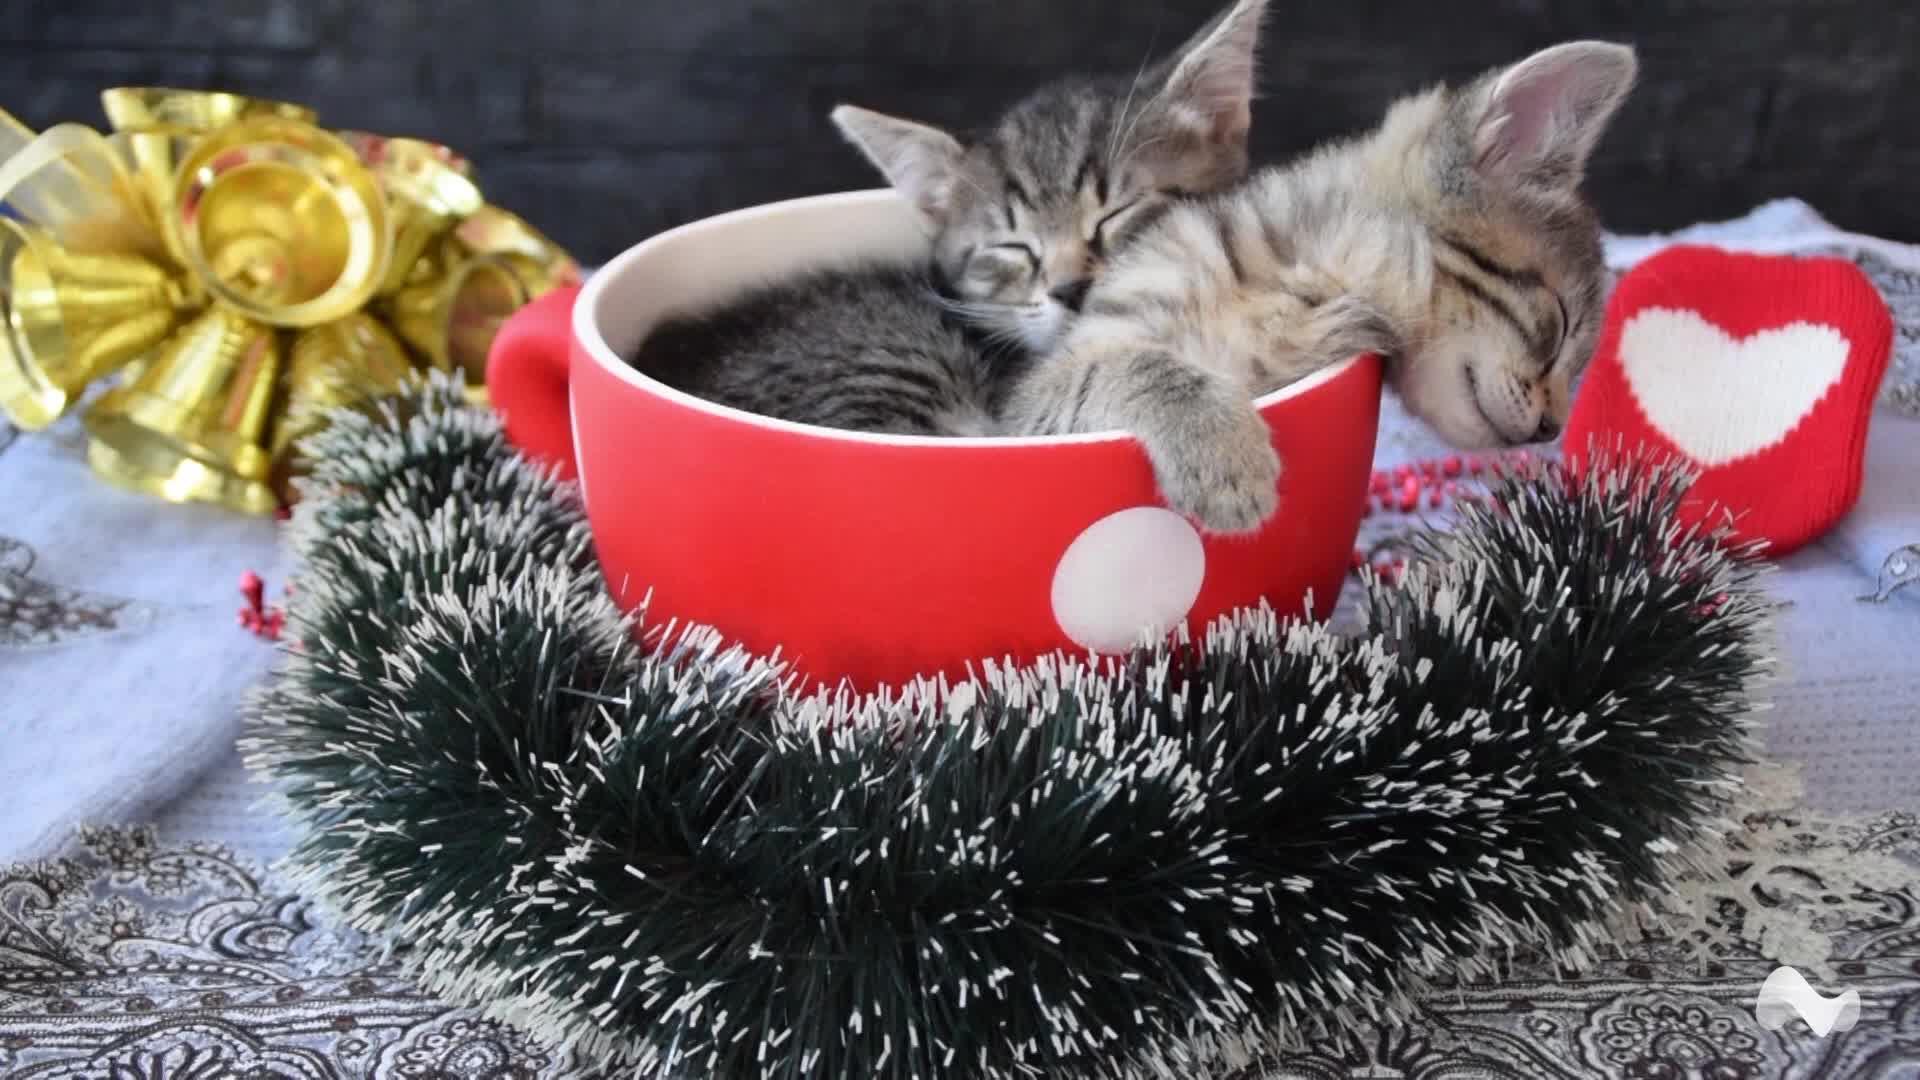 CatGifs, catgifs, cats, kittens, politics, popular,  GIFs